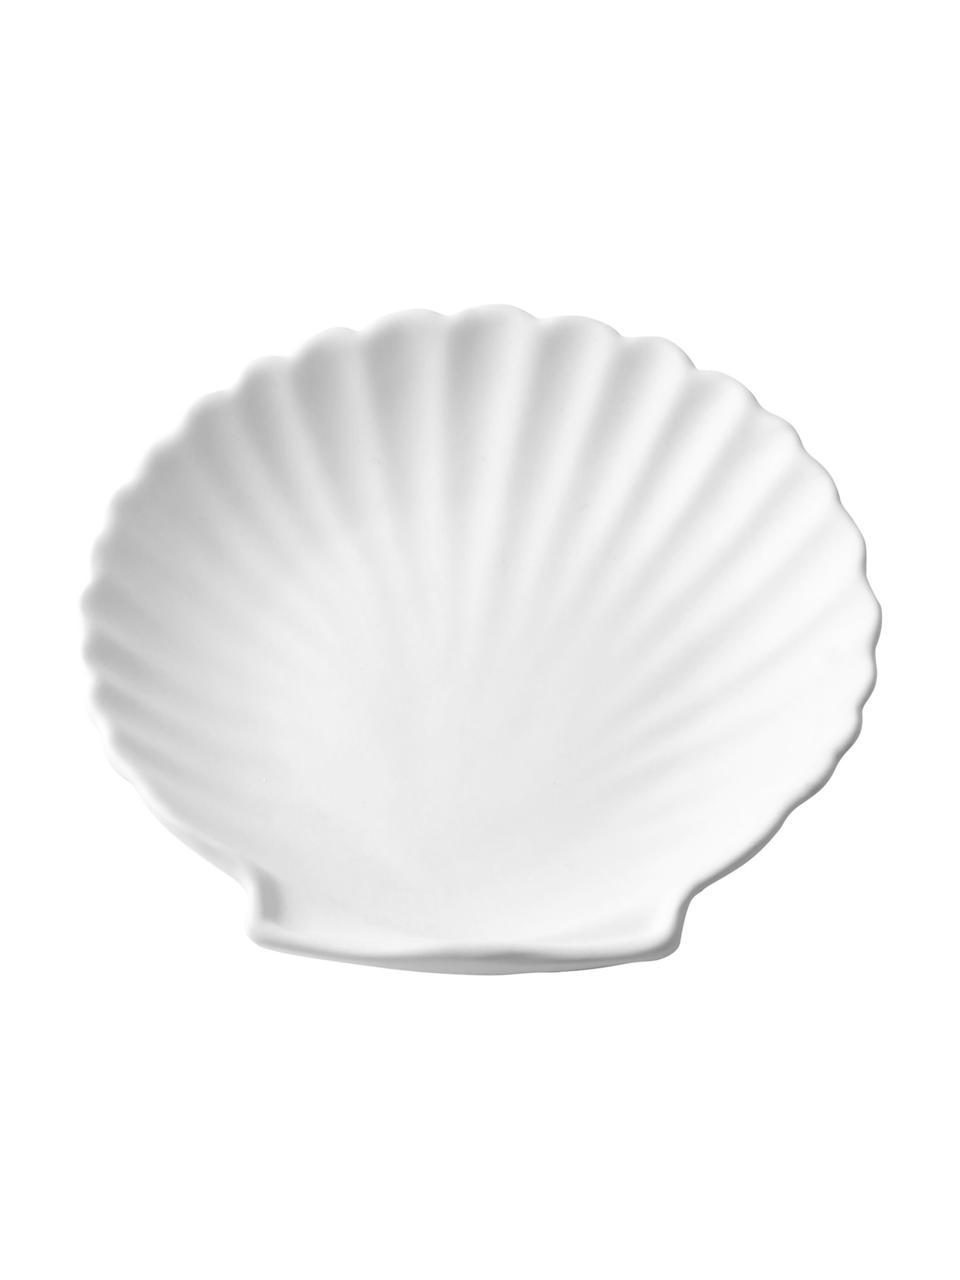 Deko-Tablett Athena, Steingut, Weiß, matt, 14 x 2 cm